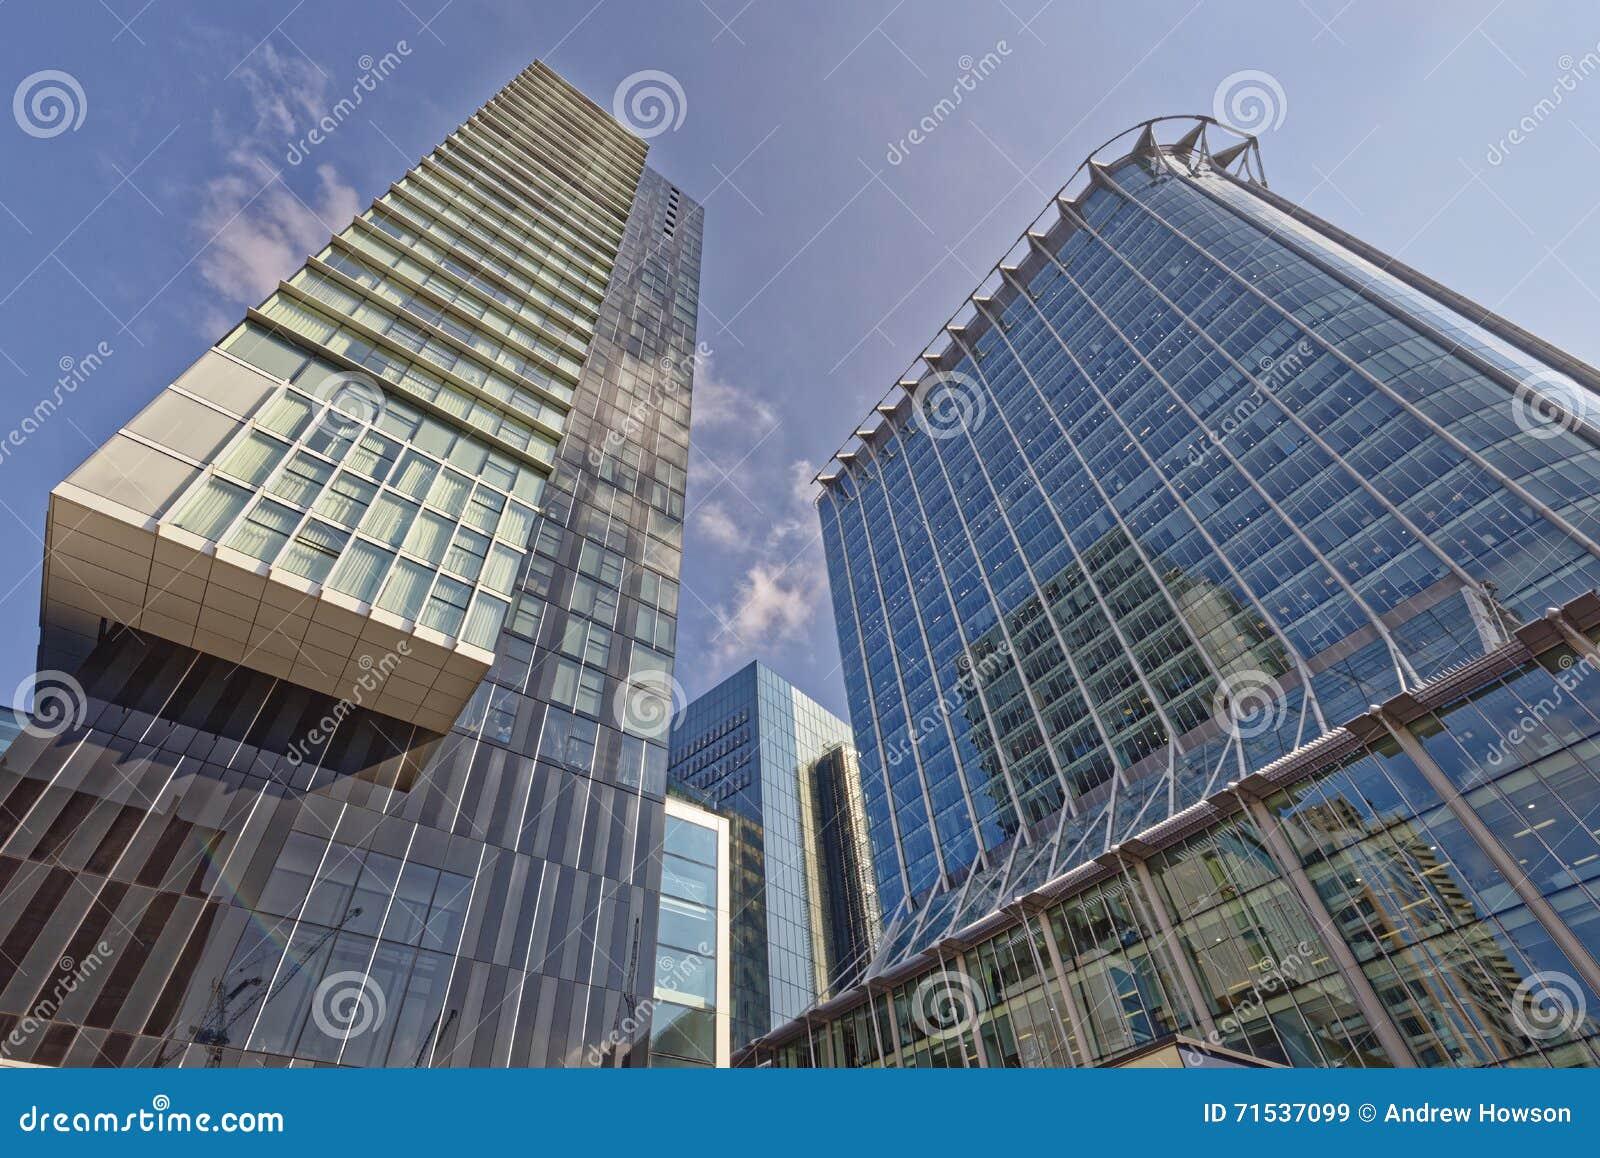 Moderna kontor och lägenheter